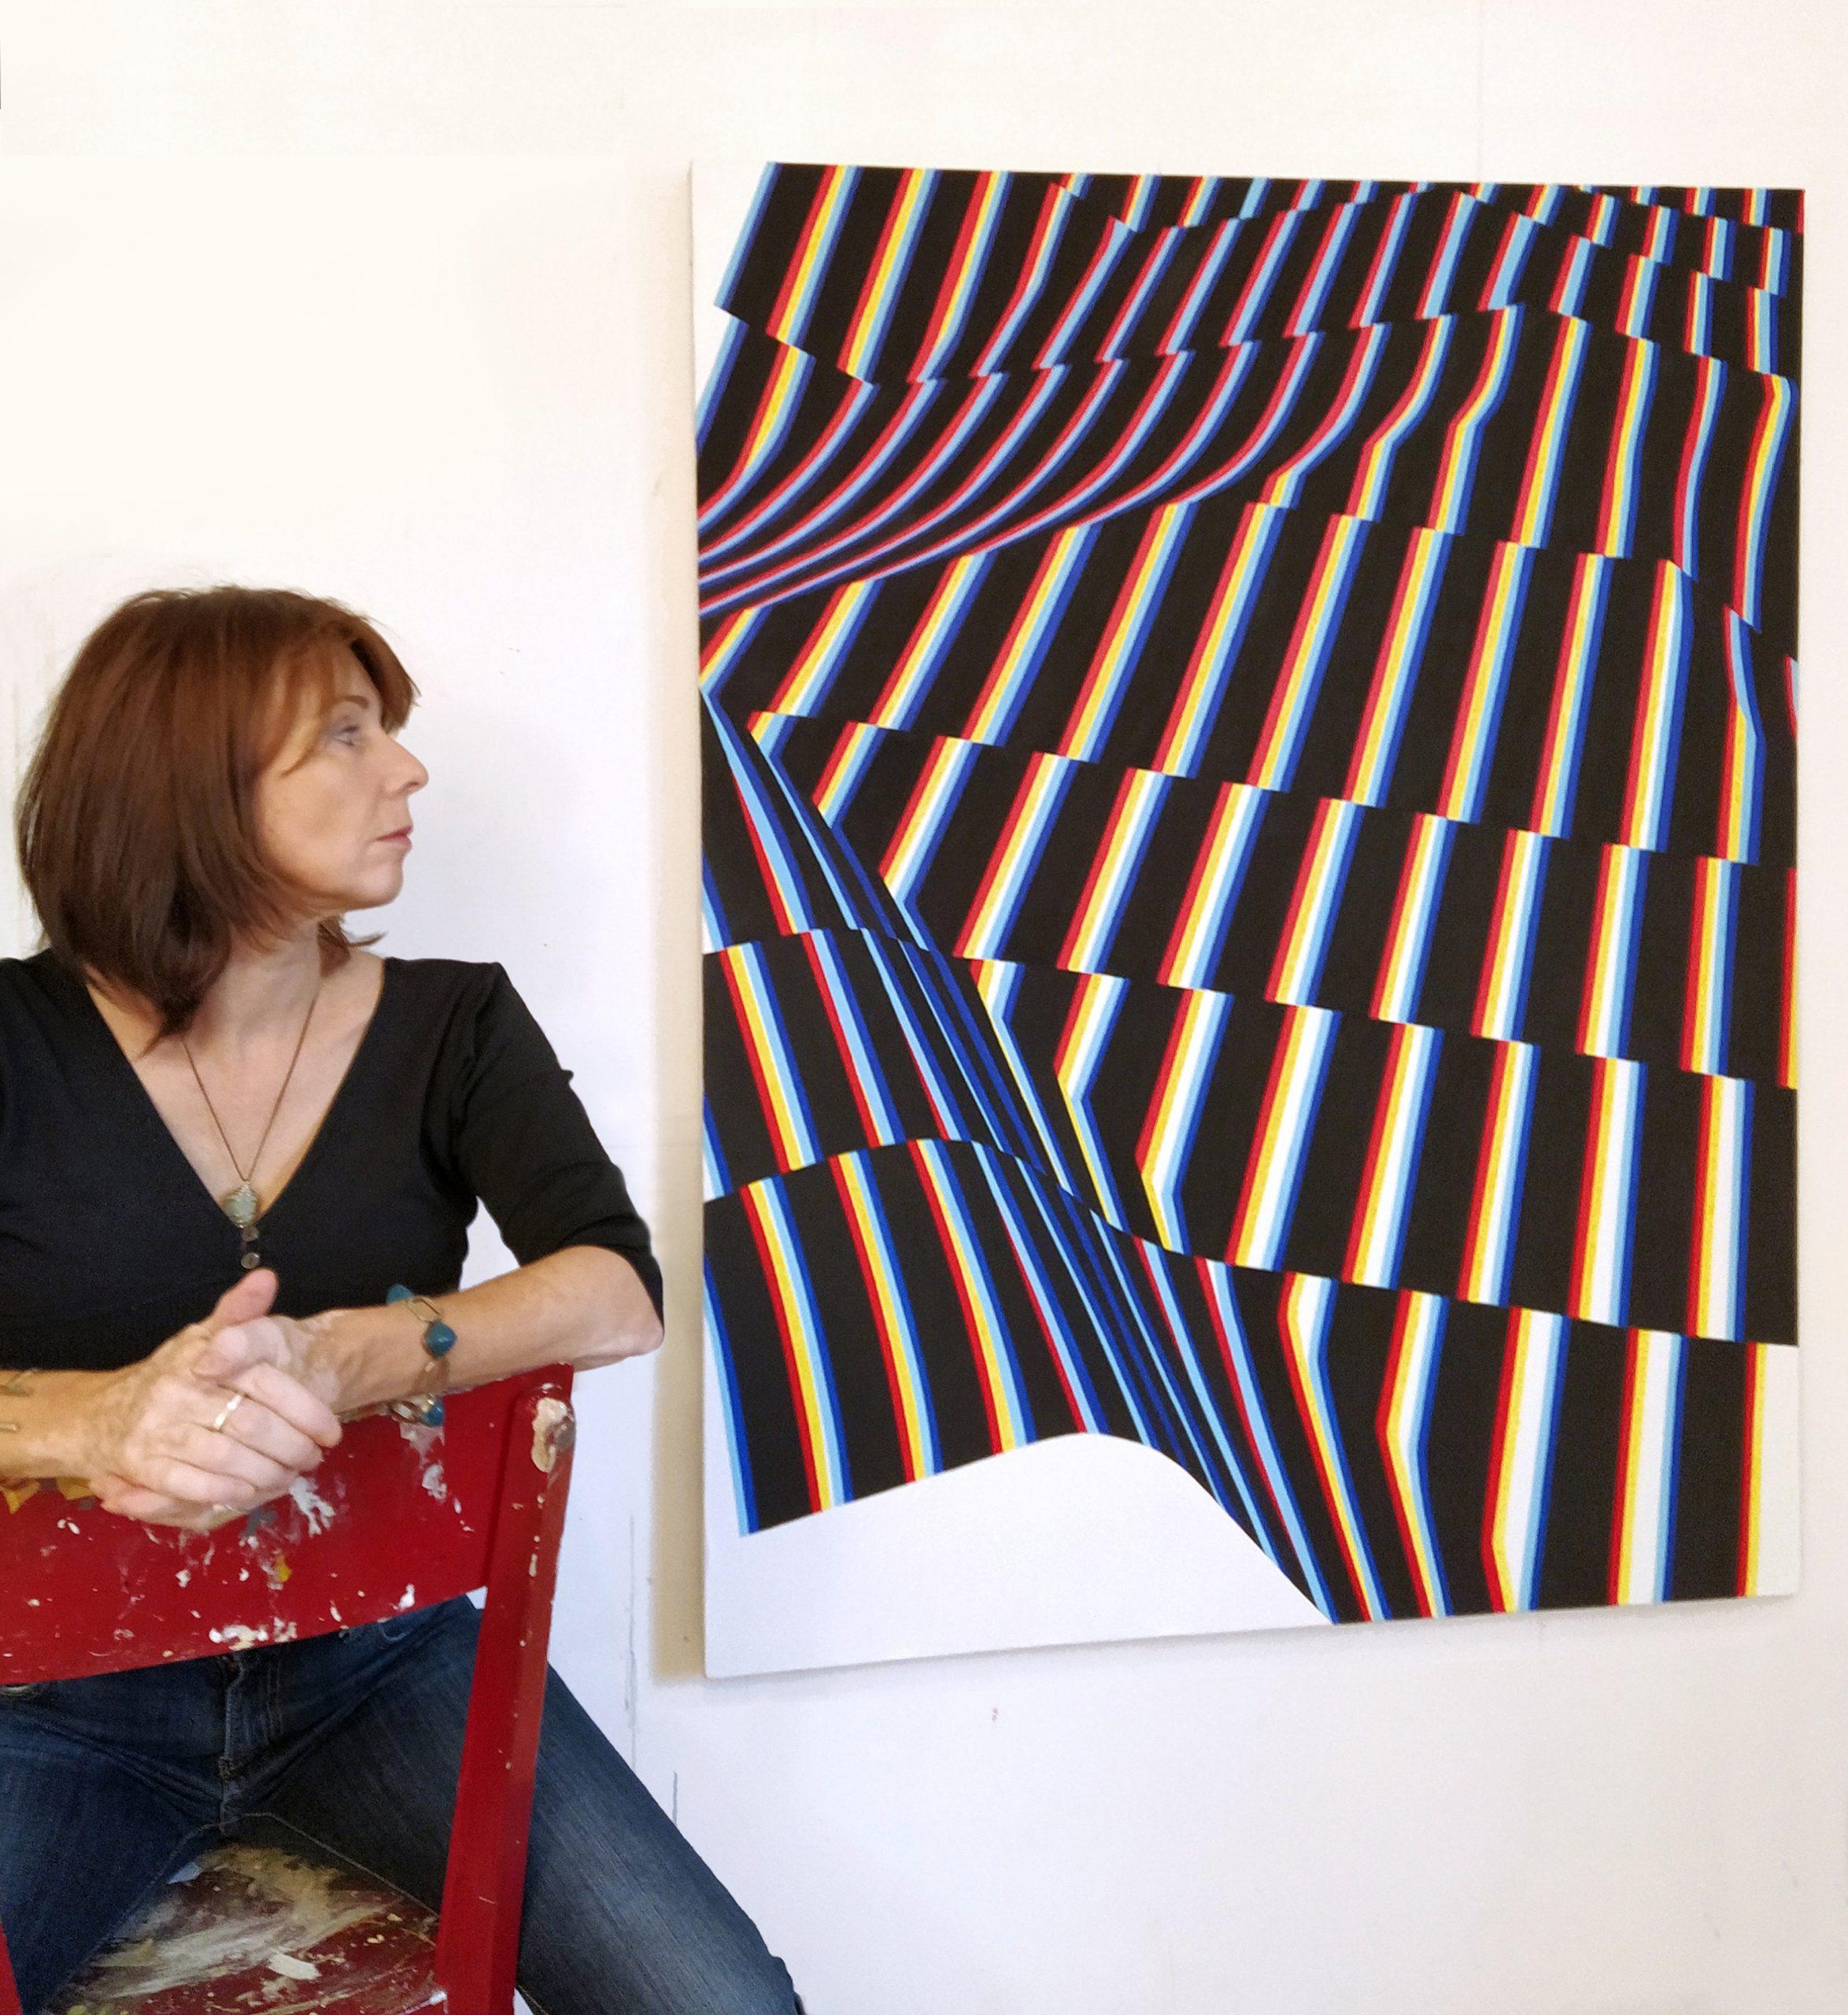 Catherine Branger Devant L'une De Ses Oeuvres Galerie Octobre